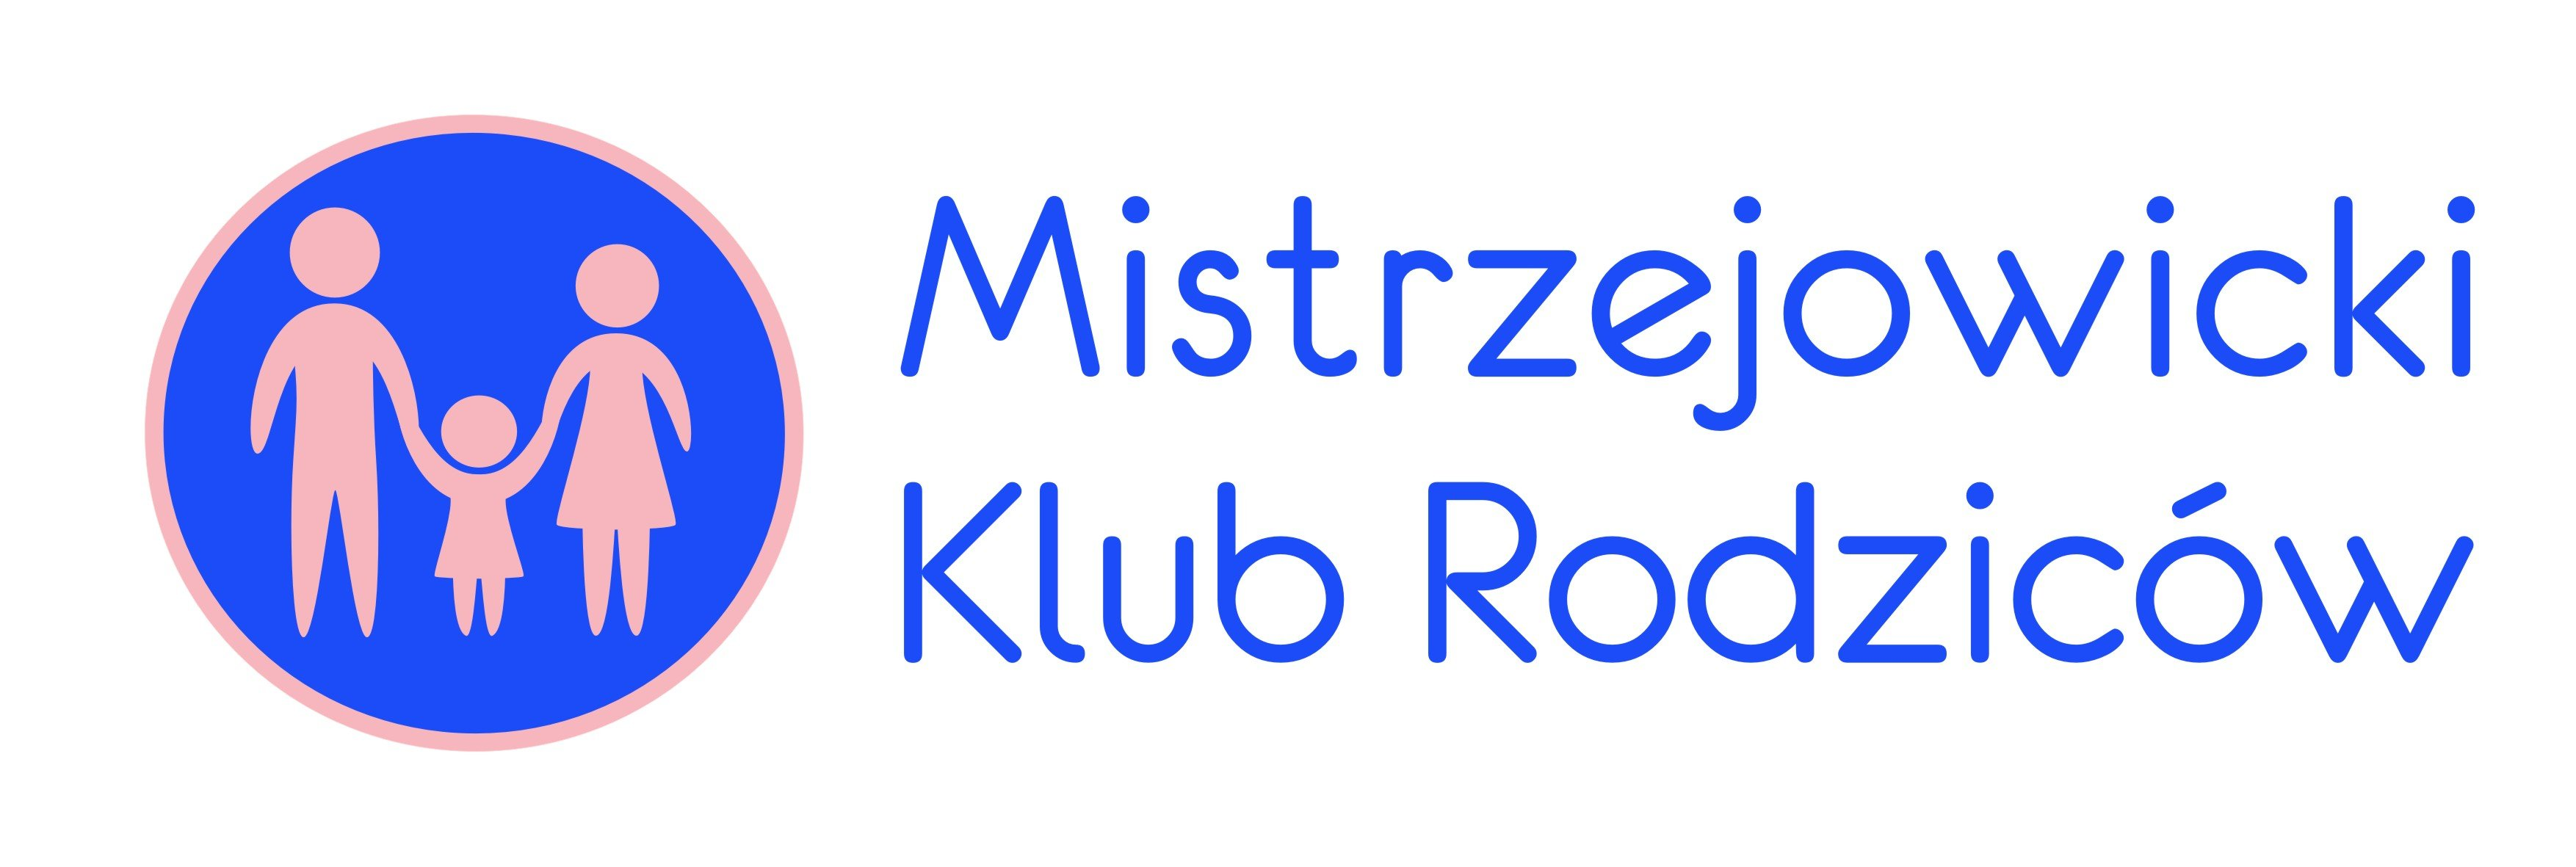 Mistrzejowicki Klub Rodzica